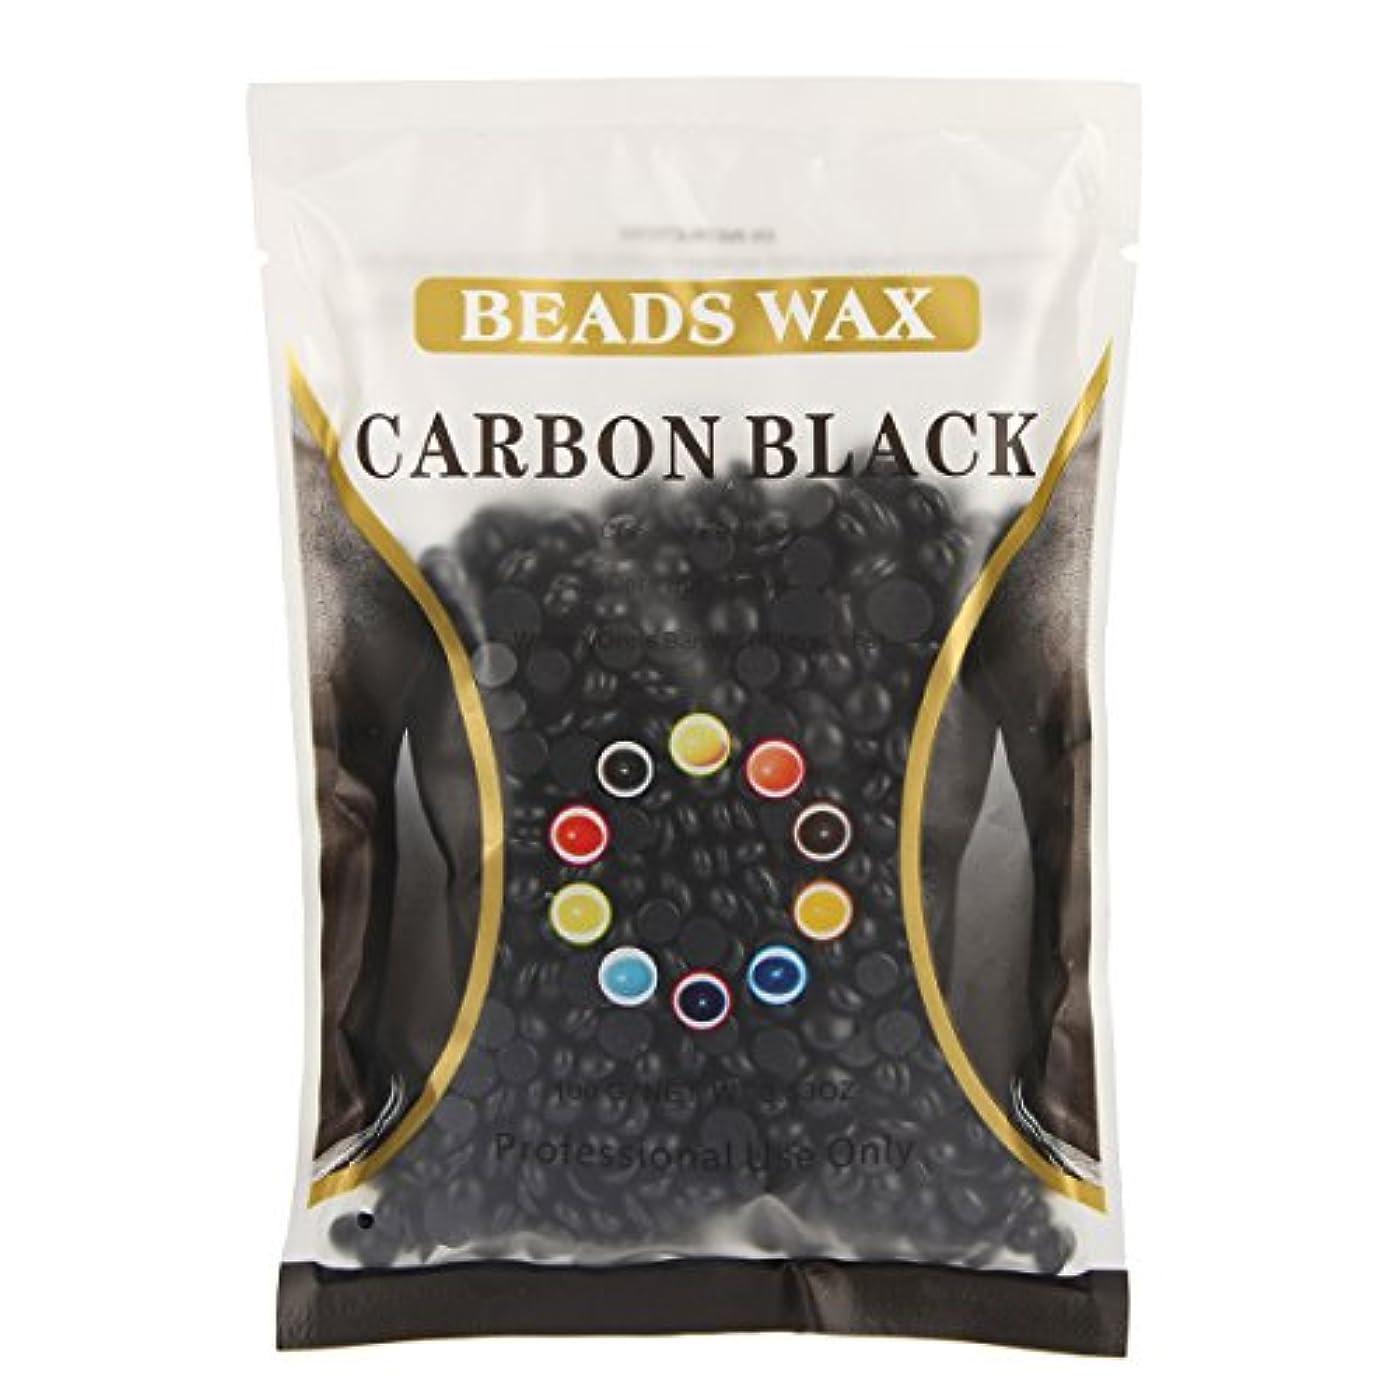 (アーニェメイ)Bonjanvye ワックス メンズ ハード 100g 脱毛 ワックス 鼻毛 ブラジリアン ハードワックス-ブラック